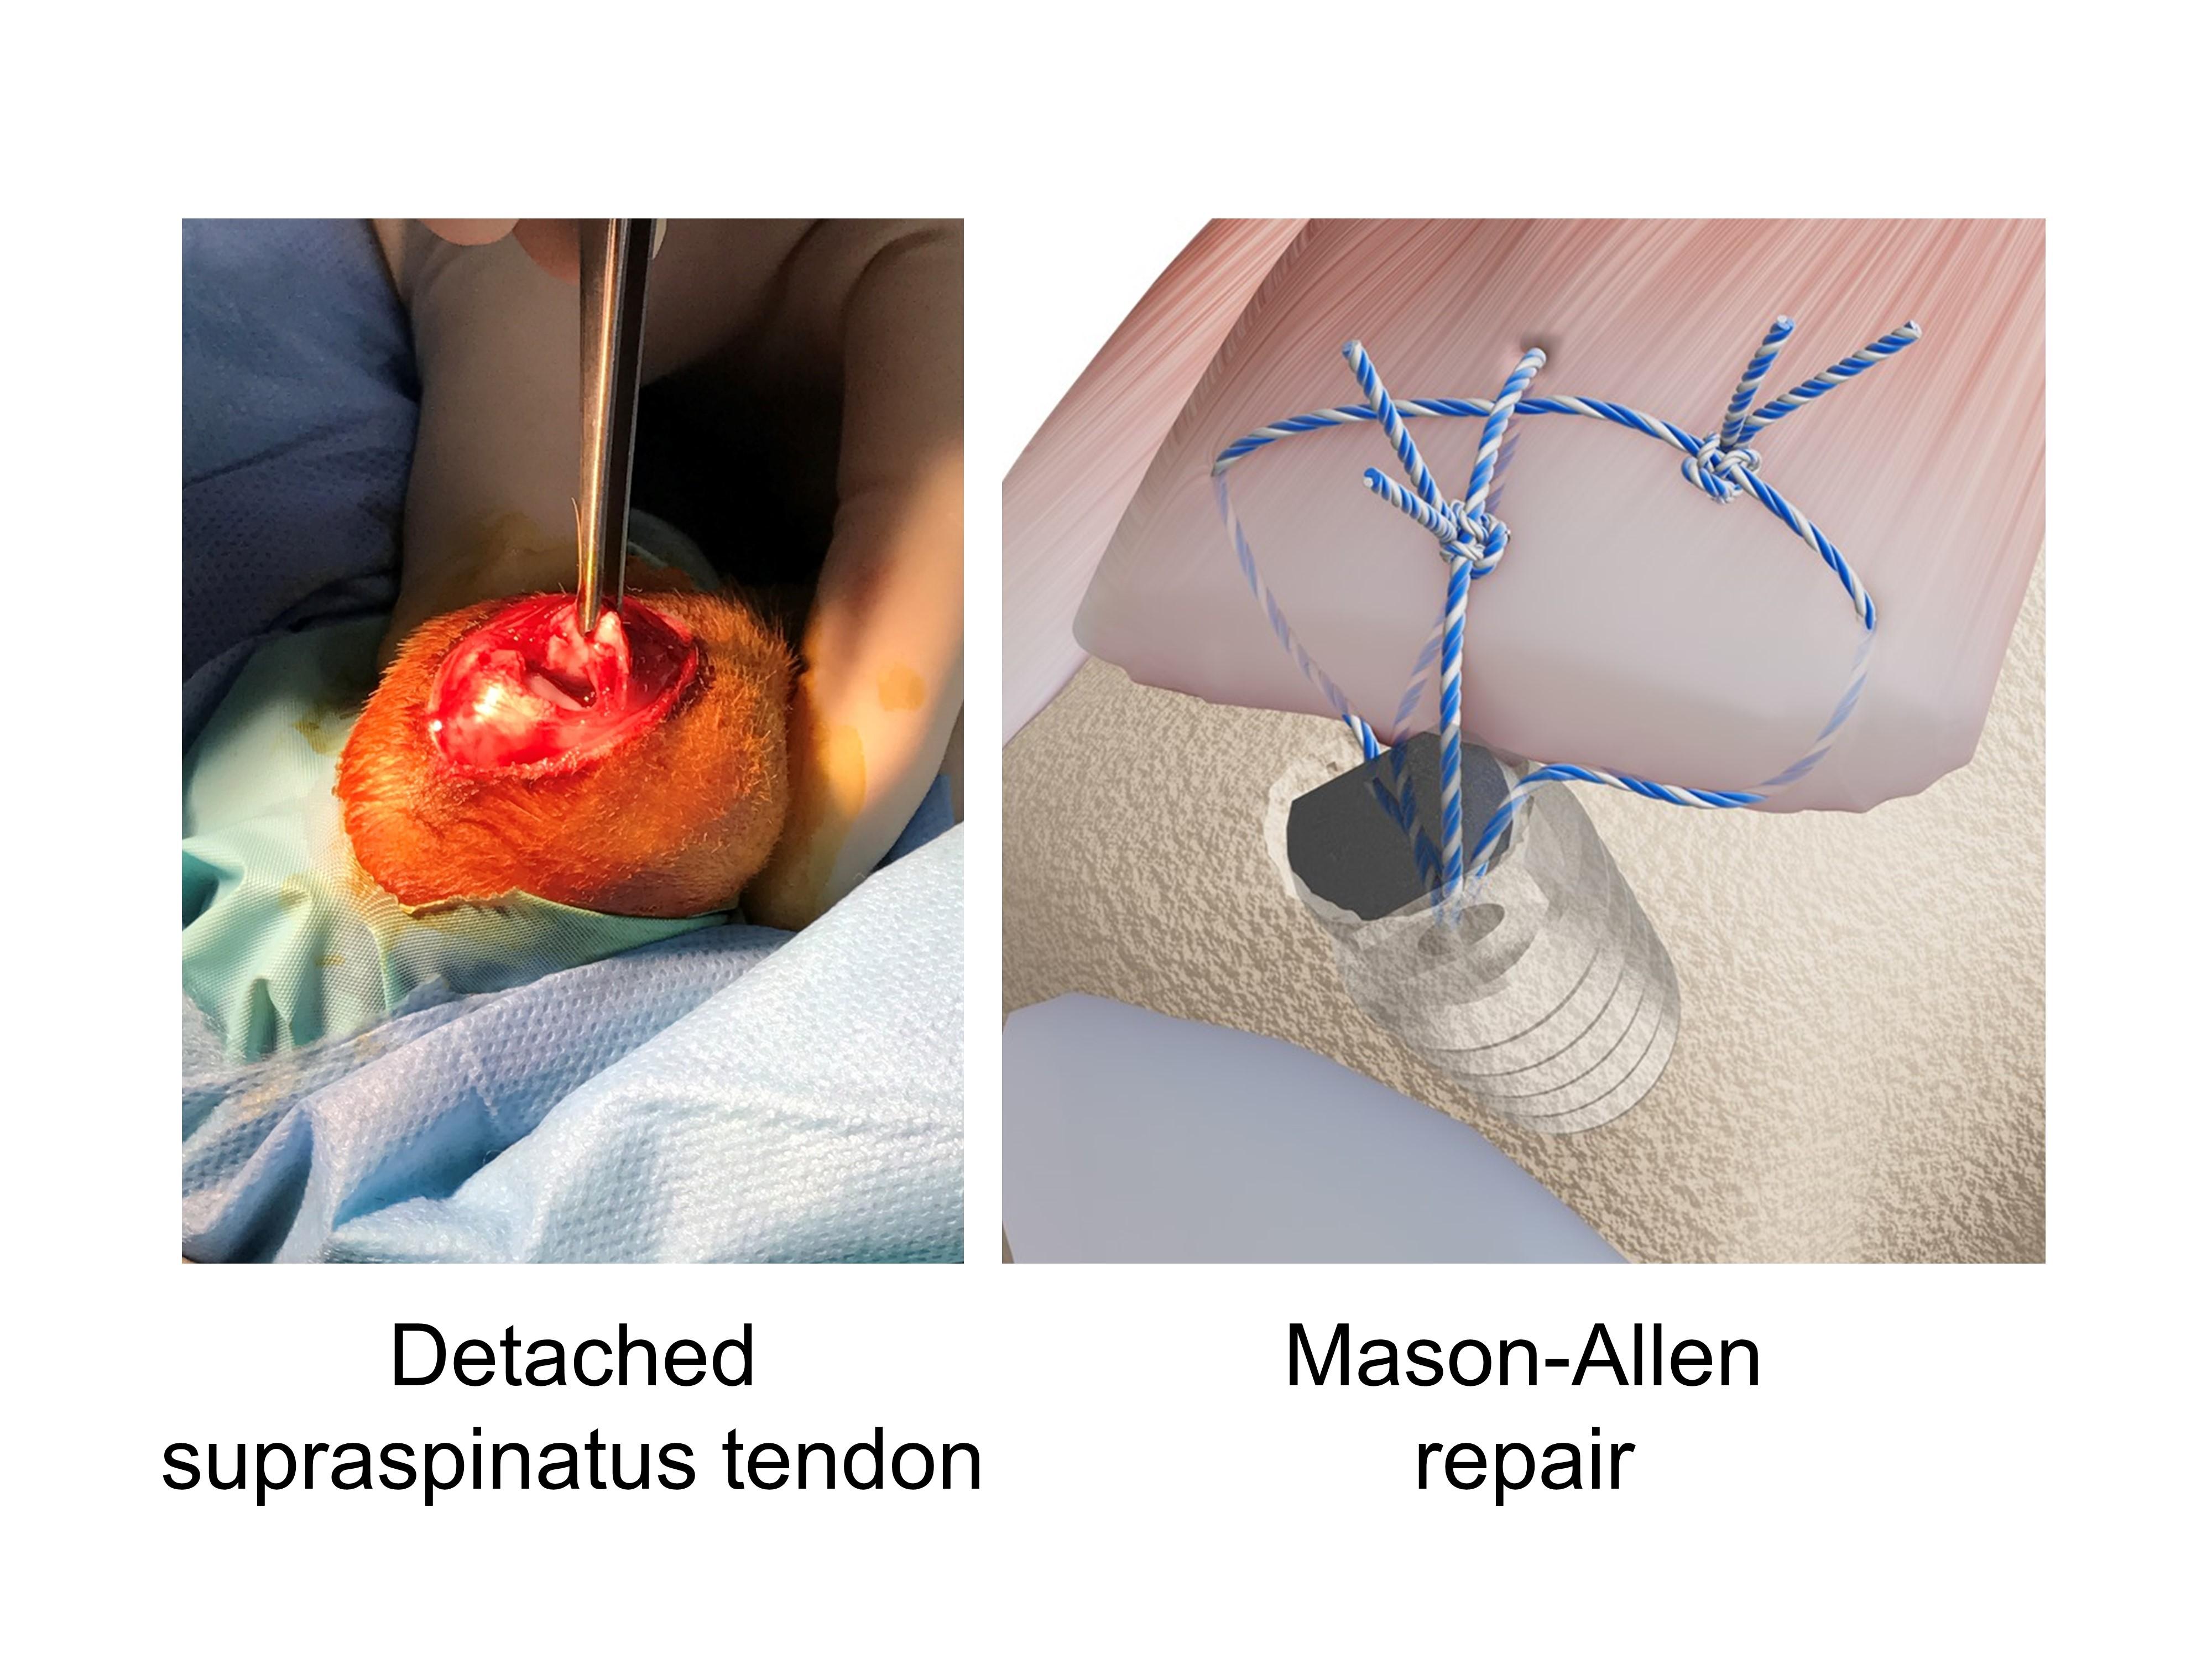 棘上肌全層切斷與Mason-Allen修復示意圖